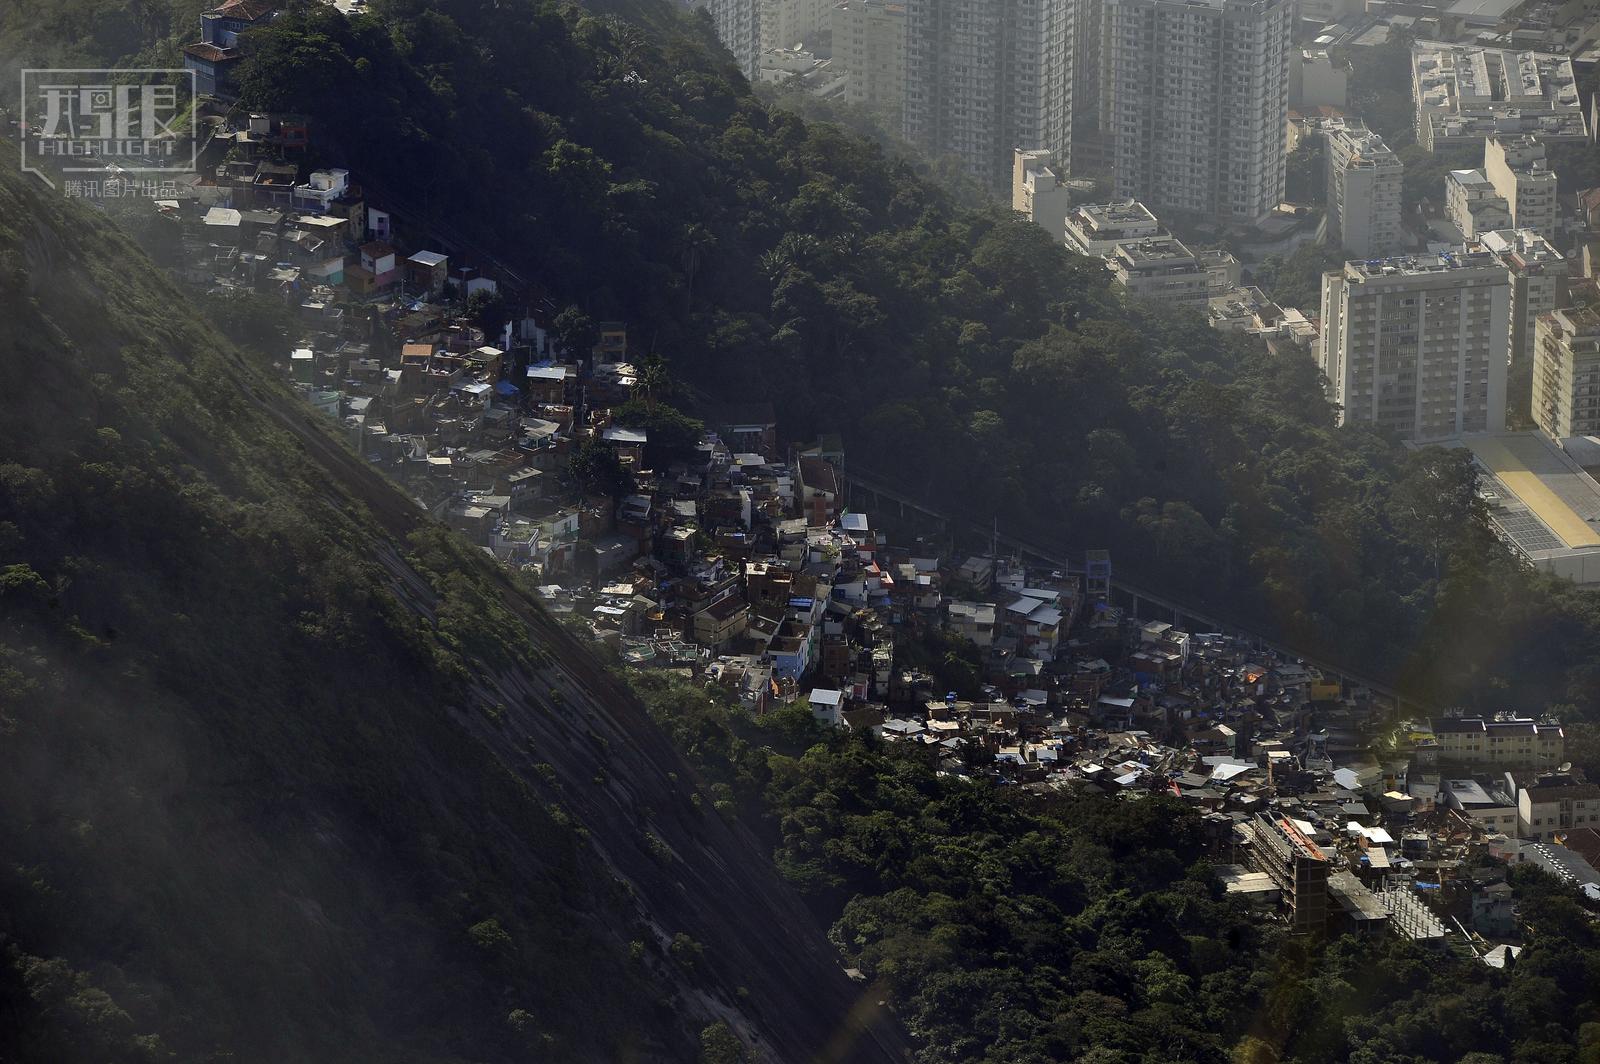 中国贫民窟风景_【鹅眼】中国摄影师独探里约贫民窟